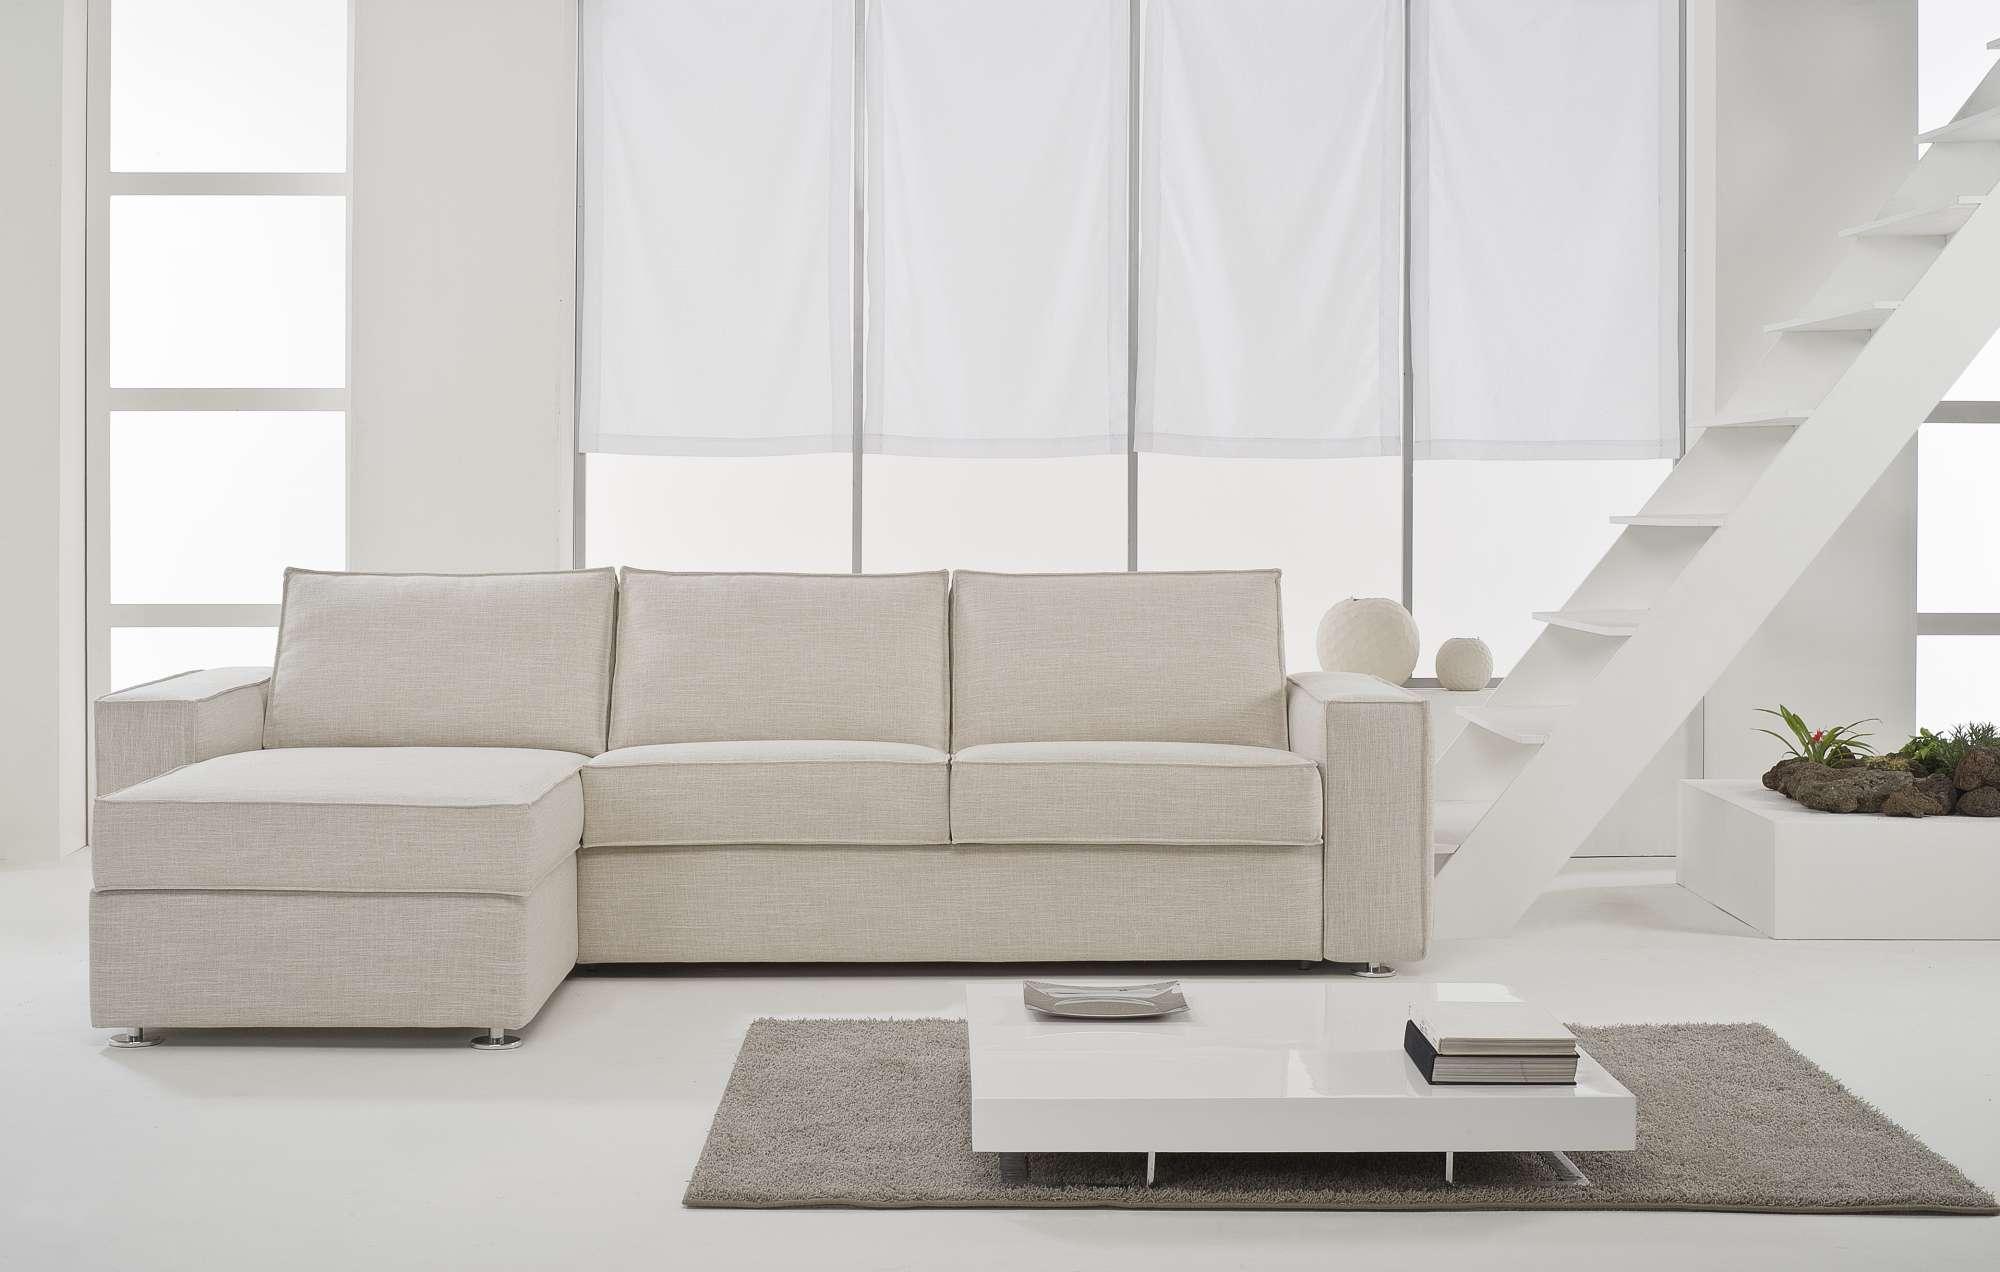 Lee divani letto con chaise longue collezione moderni - Divani letto chaise longue ...